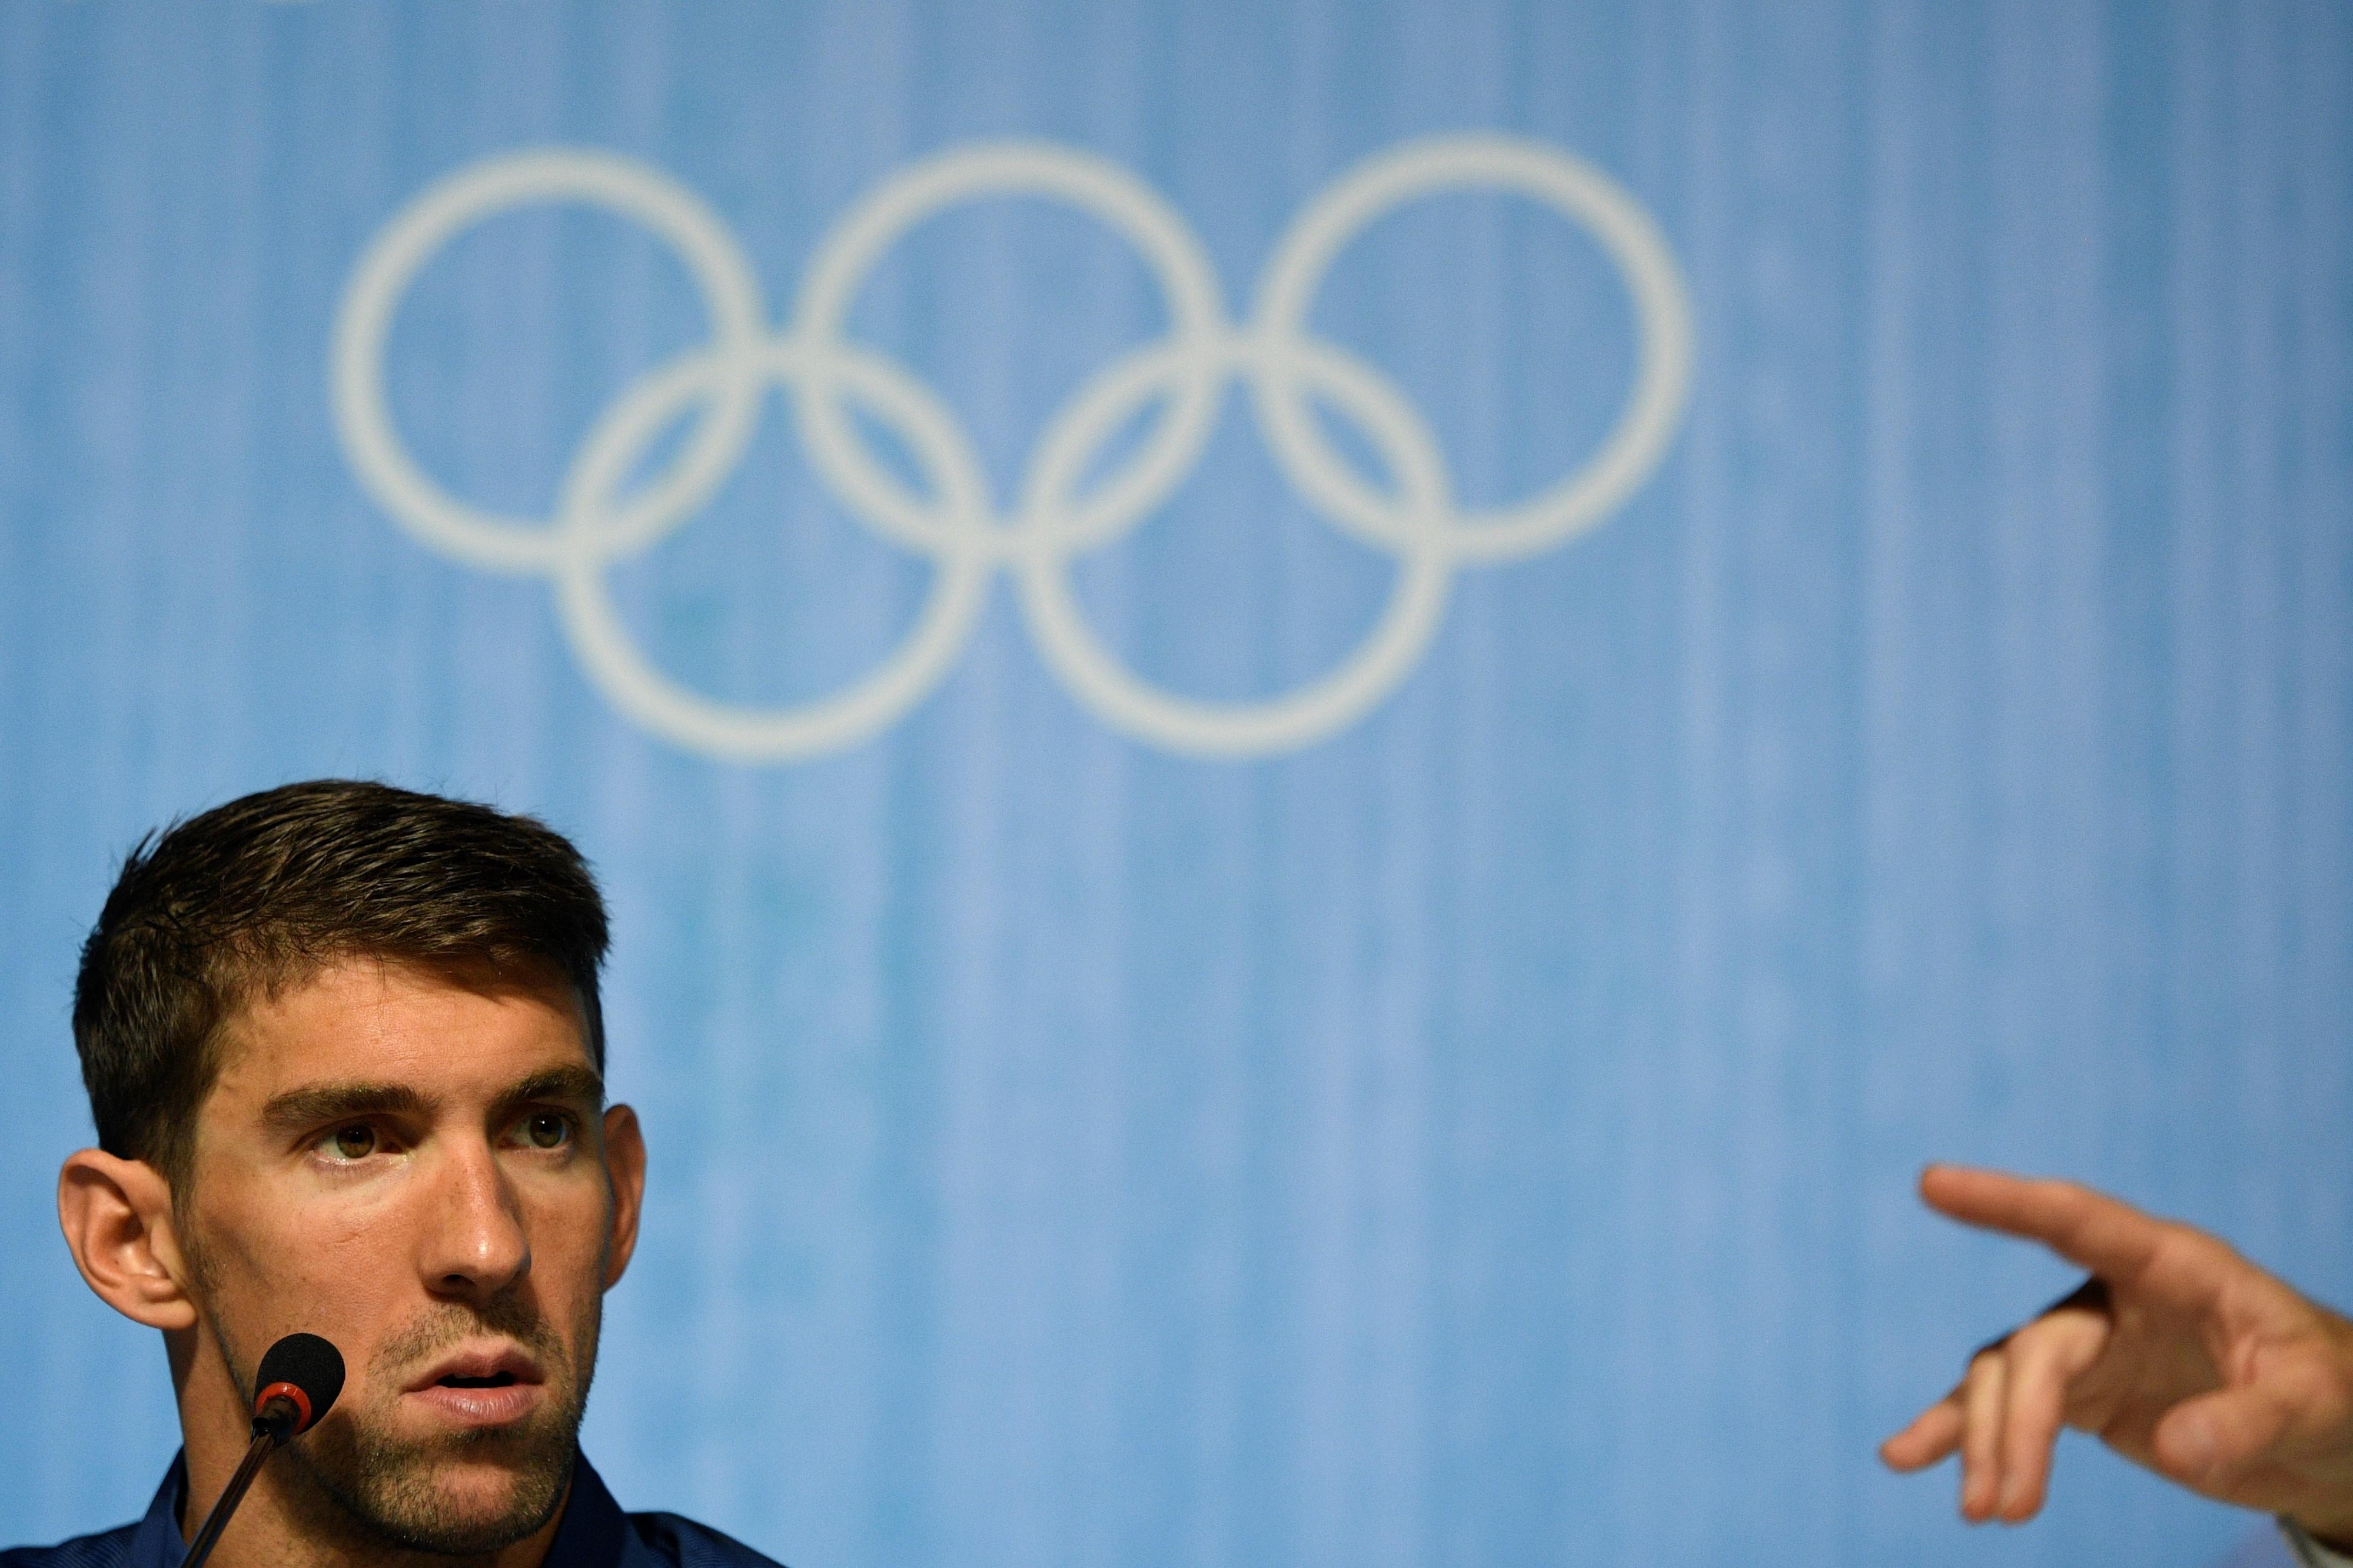 Phelps nem tudja, versenyzett-e valaha tiszta mezőnyben